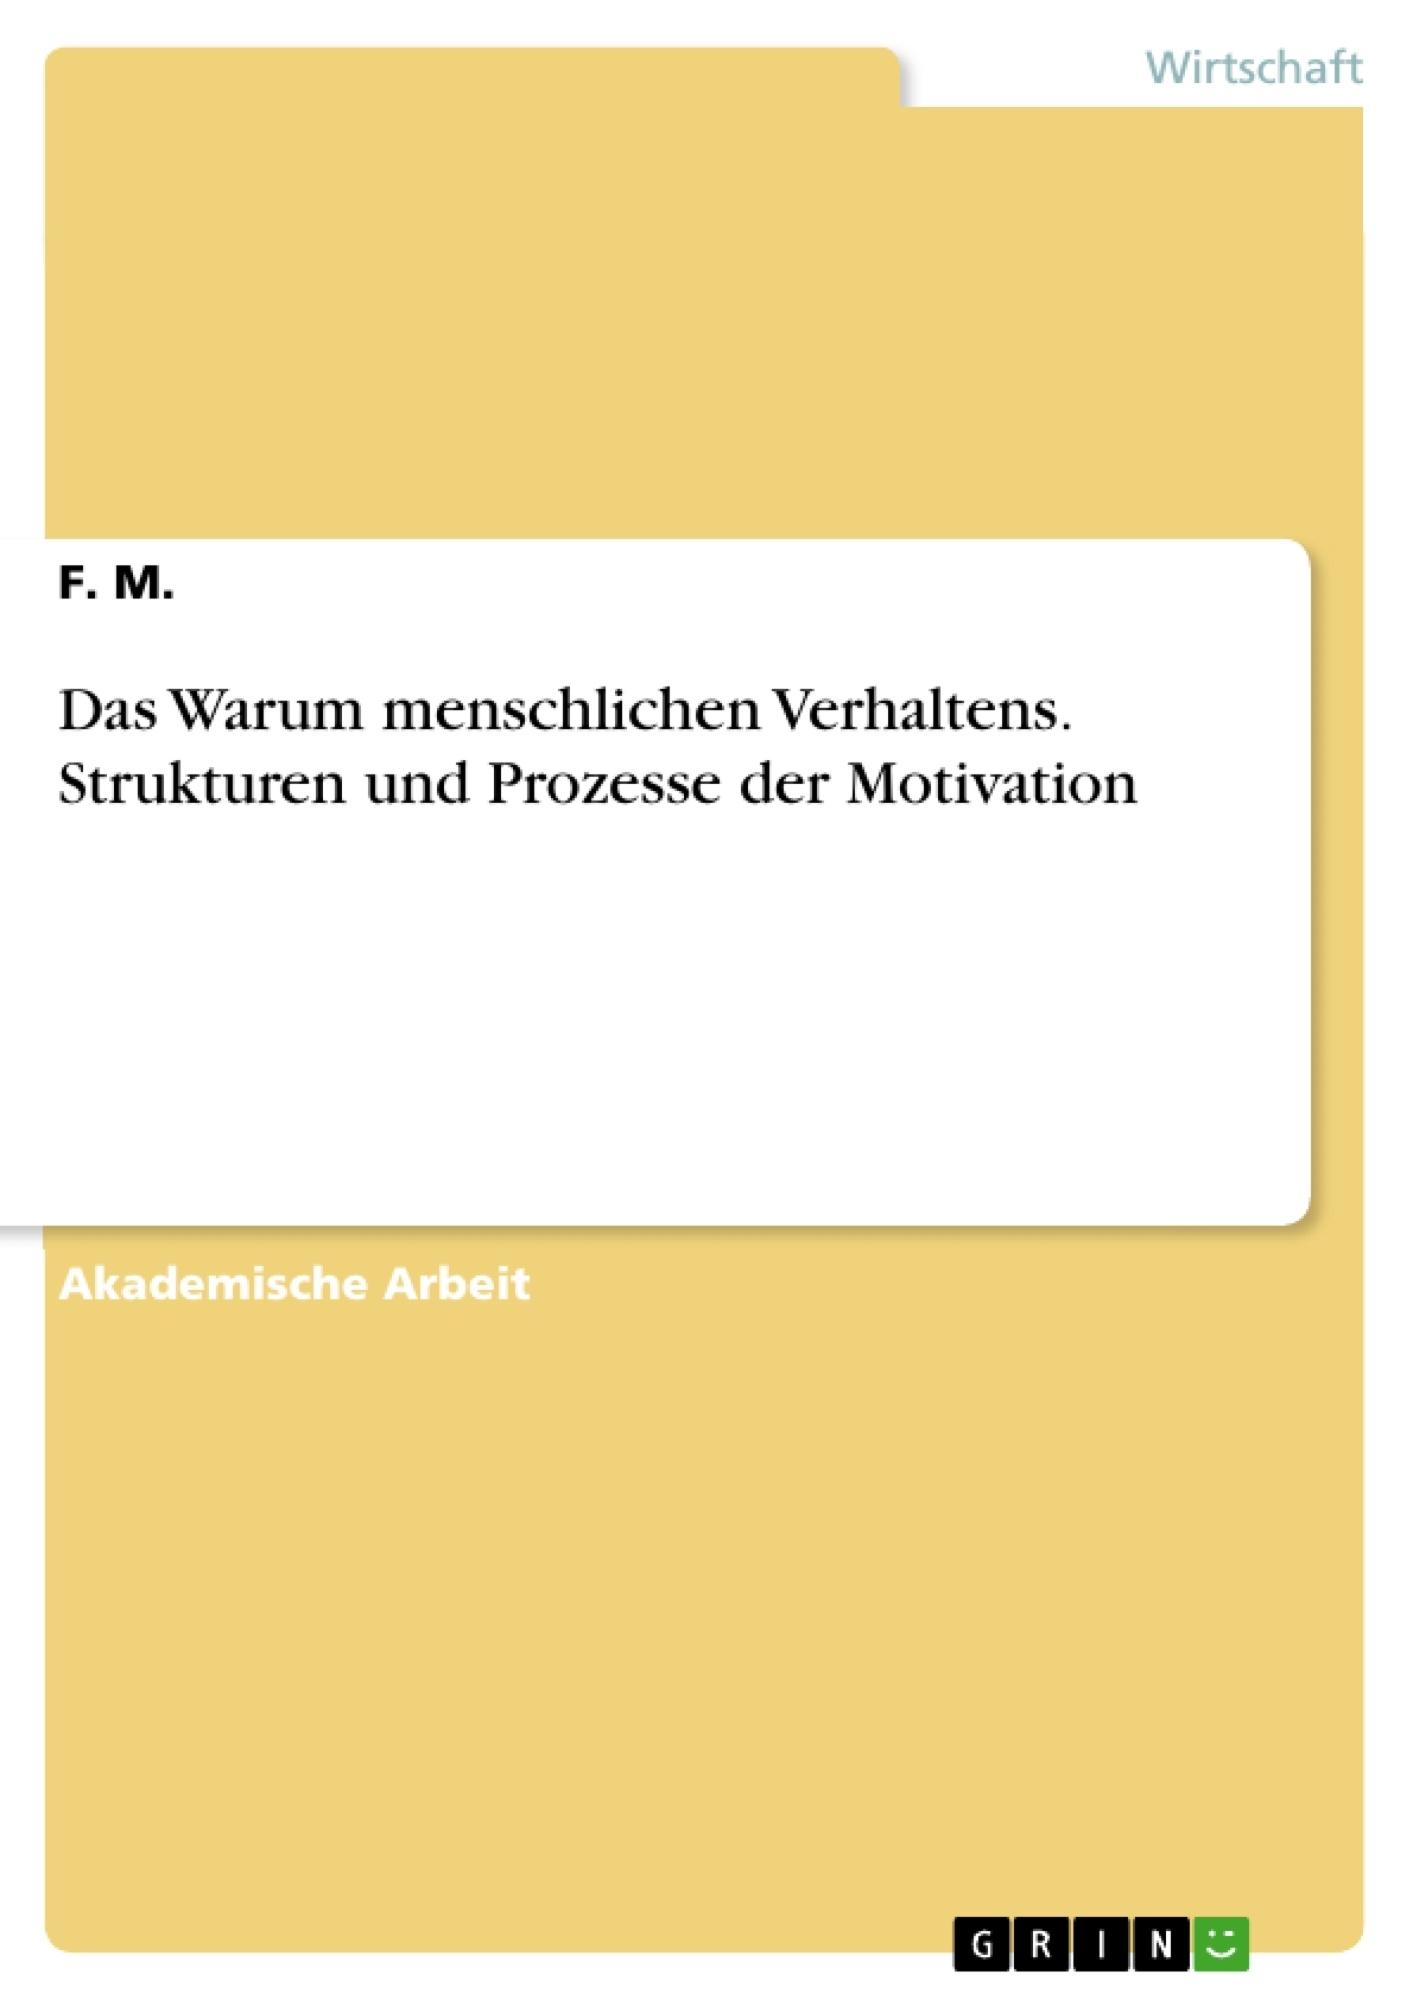 Titel: Das Warum menschlichen Verhaltens. Strukturen und Prozesse der Motivation